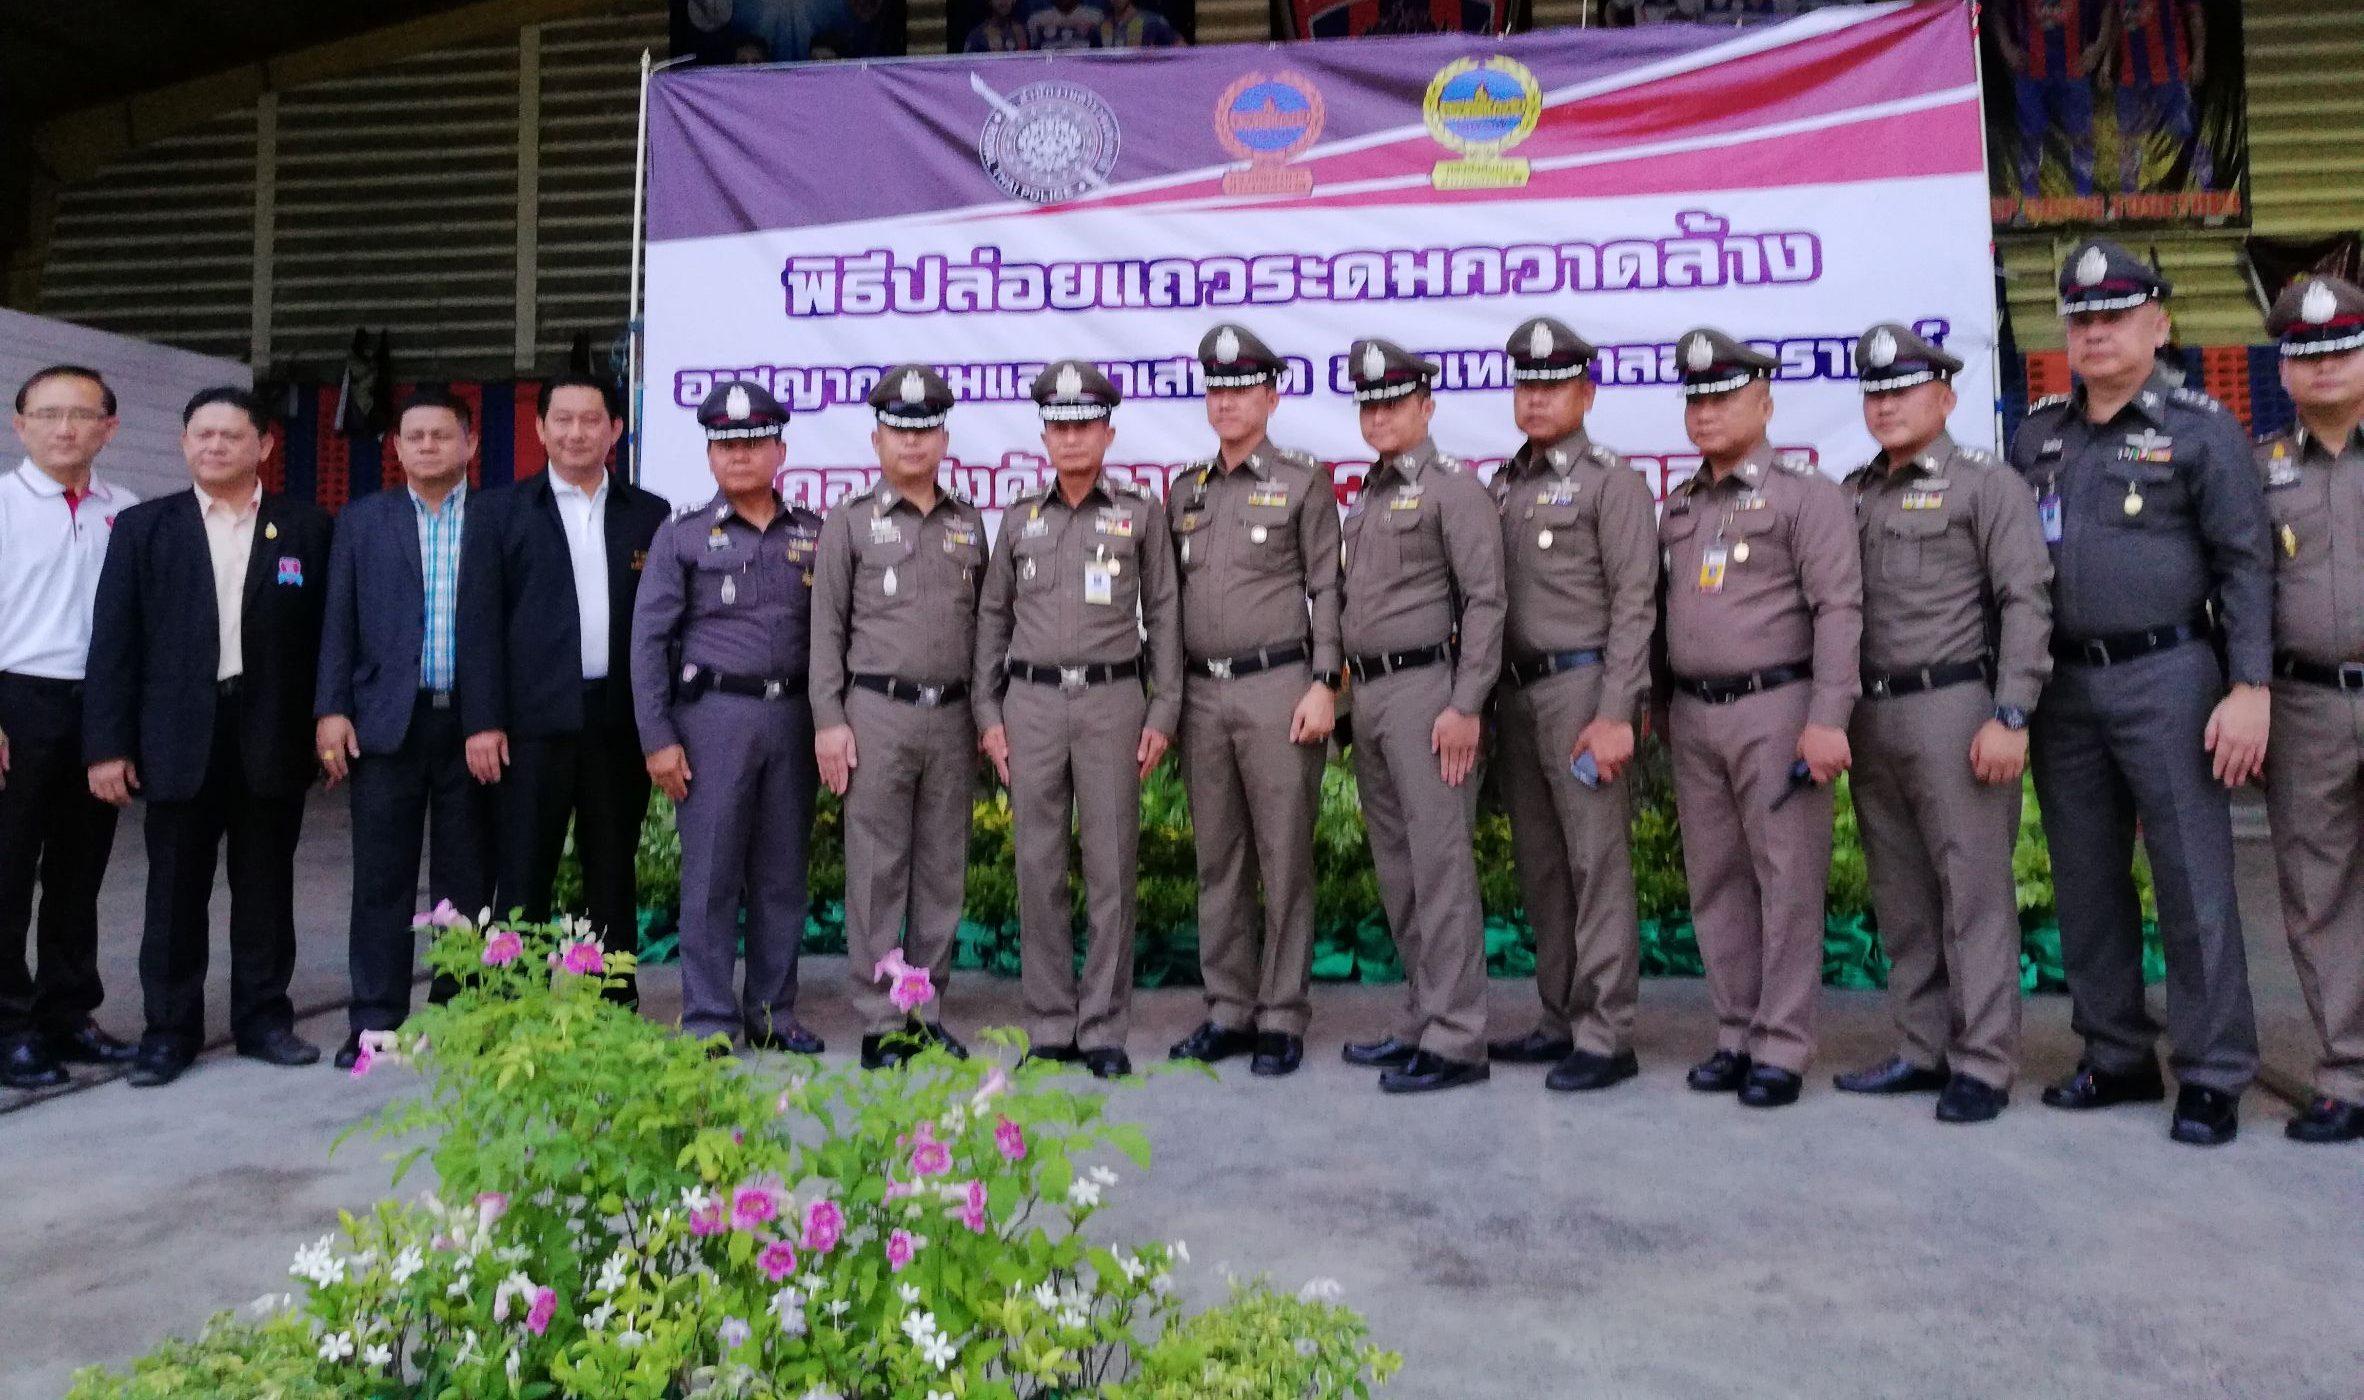 กองบังคับการตำรวจนครบาล 5